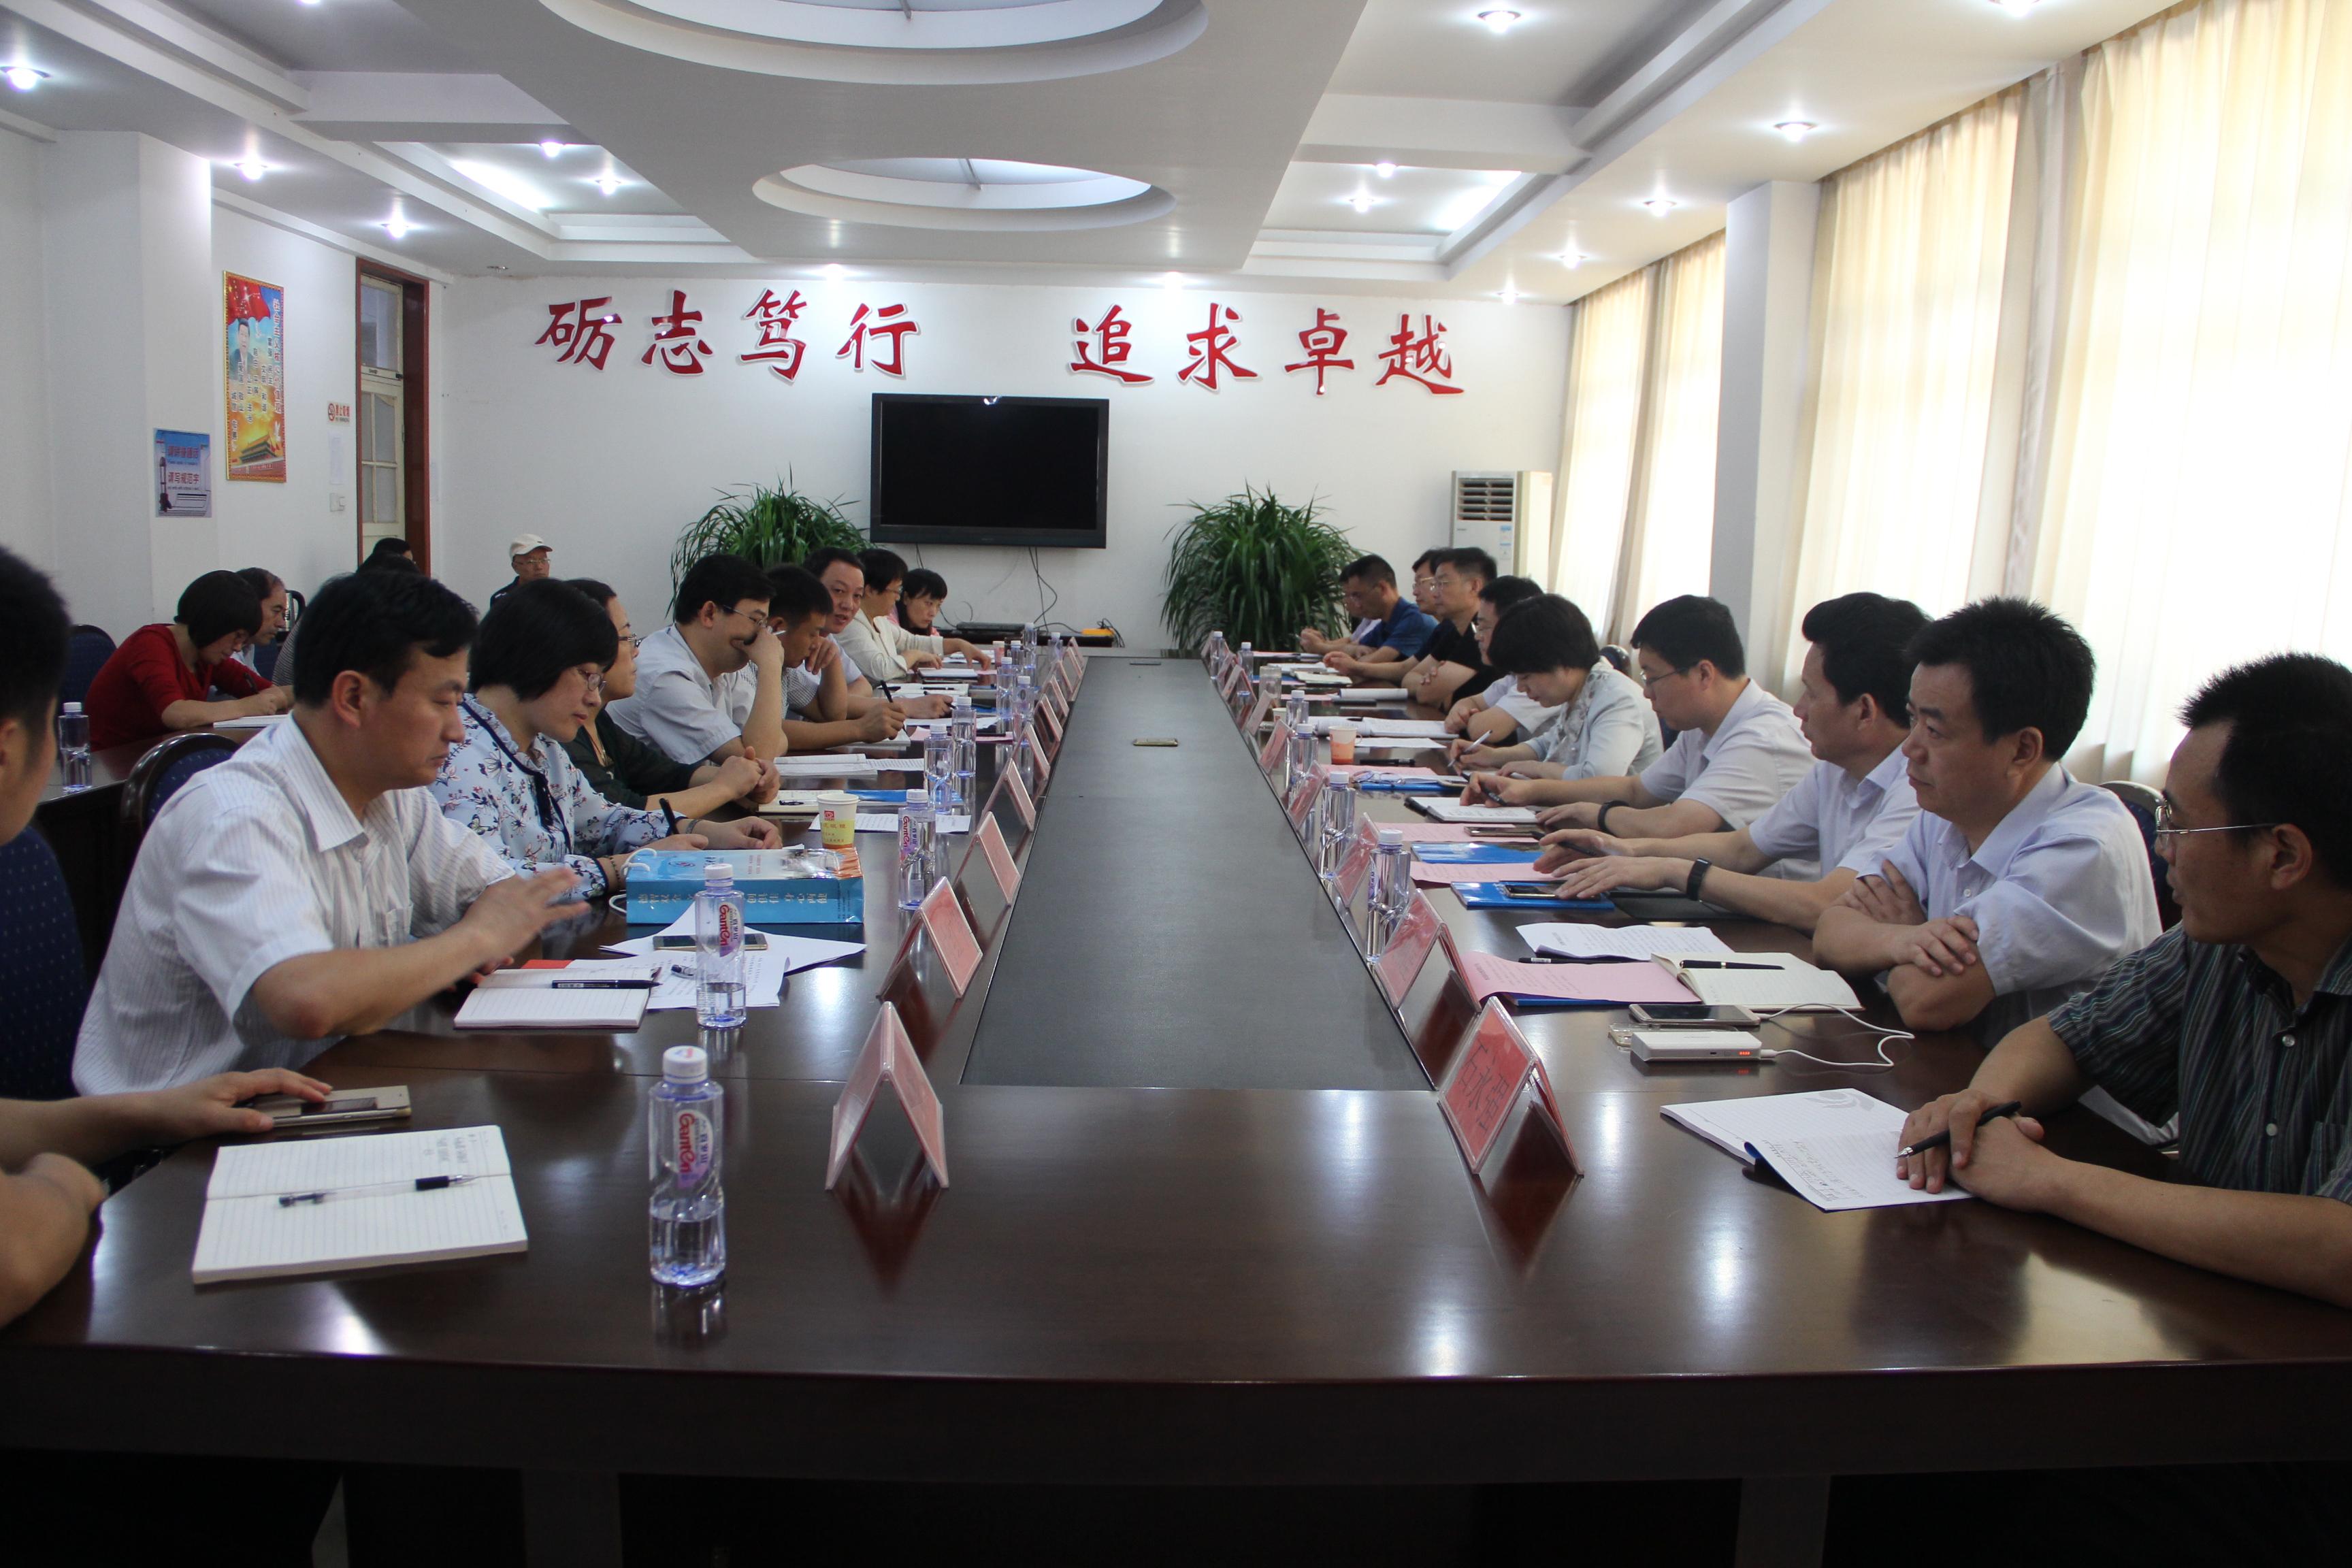 兰山区委书记赵晓晖教师节前走访慰问一线教师